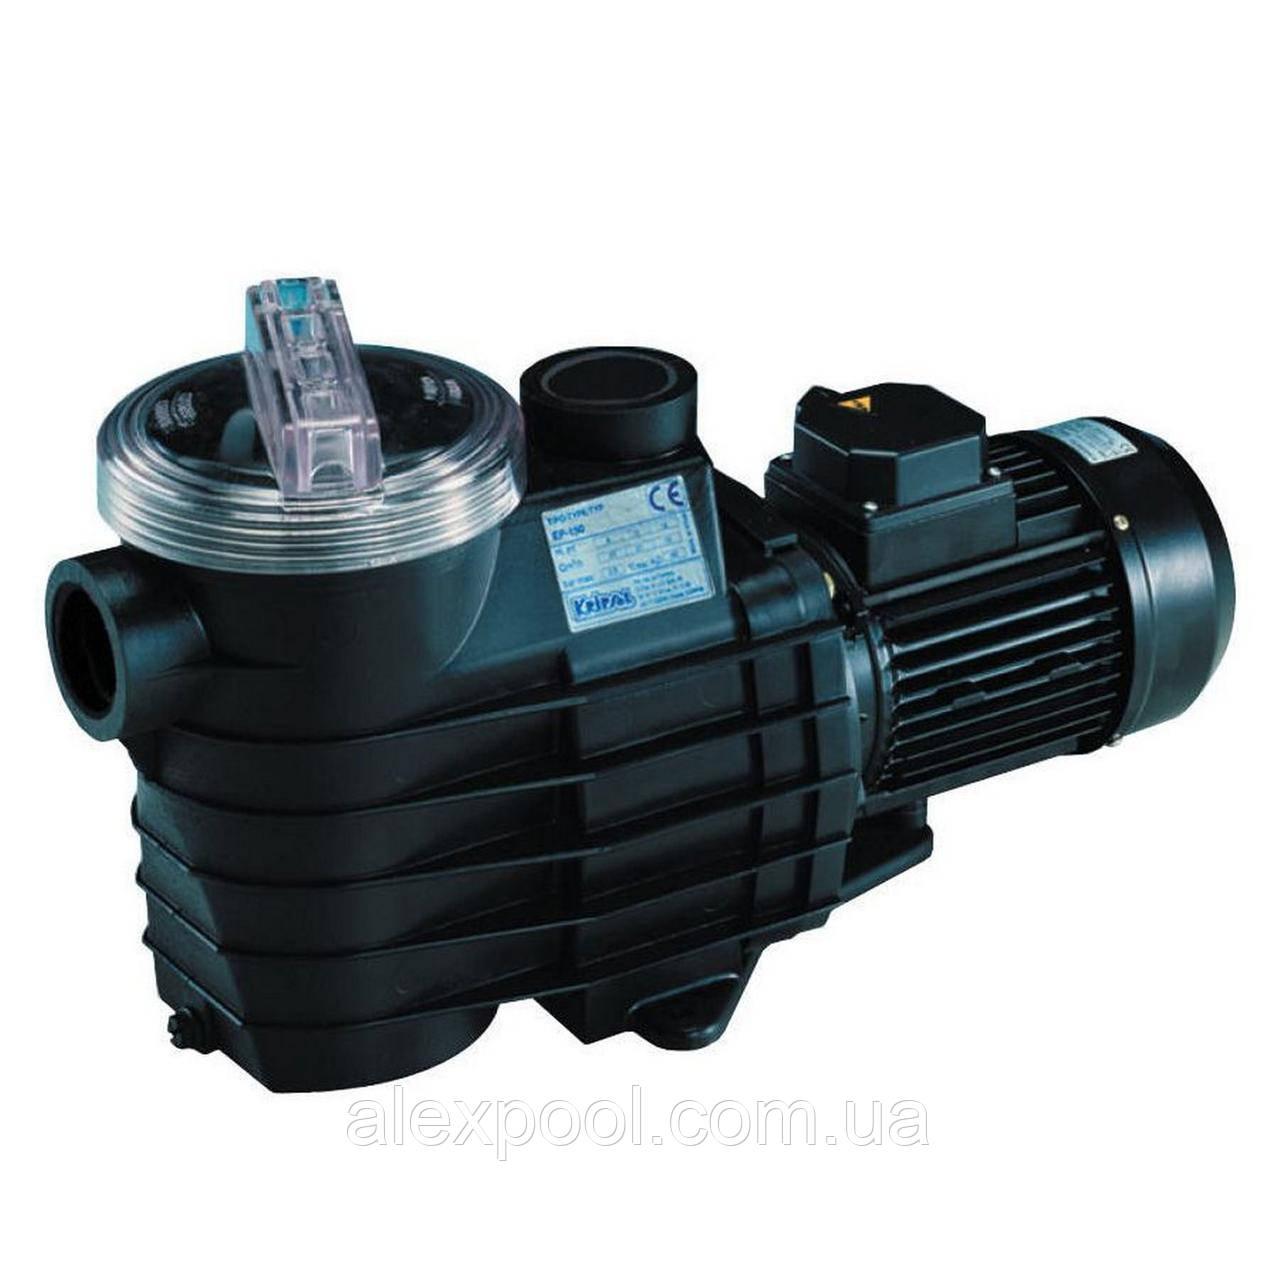 Насос для бассейнов Kripsol Epsilon EP 150 (III)  (380В, 21,9 м3/час, 1,6 кВт, 1,5 HP, Эпсилон)